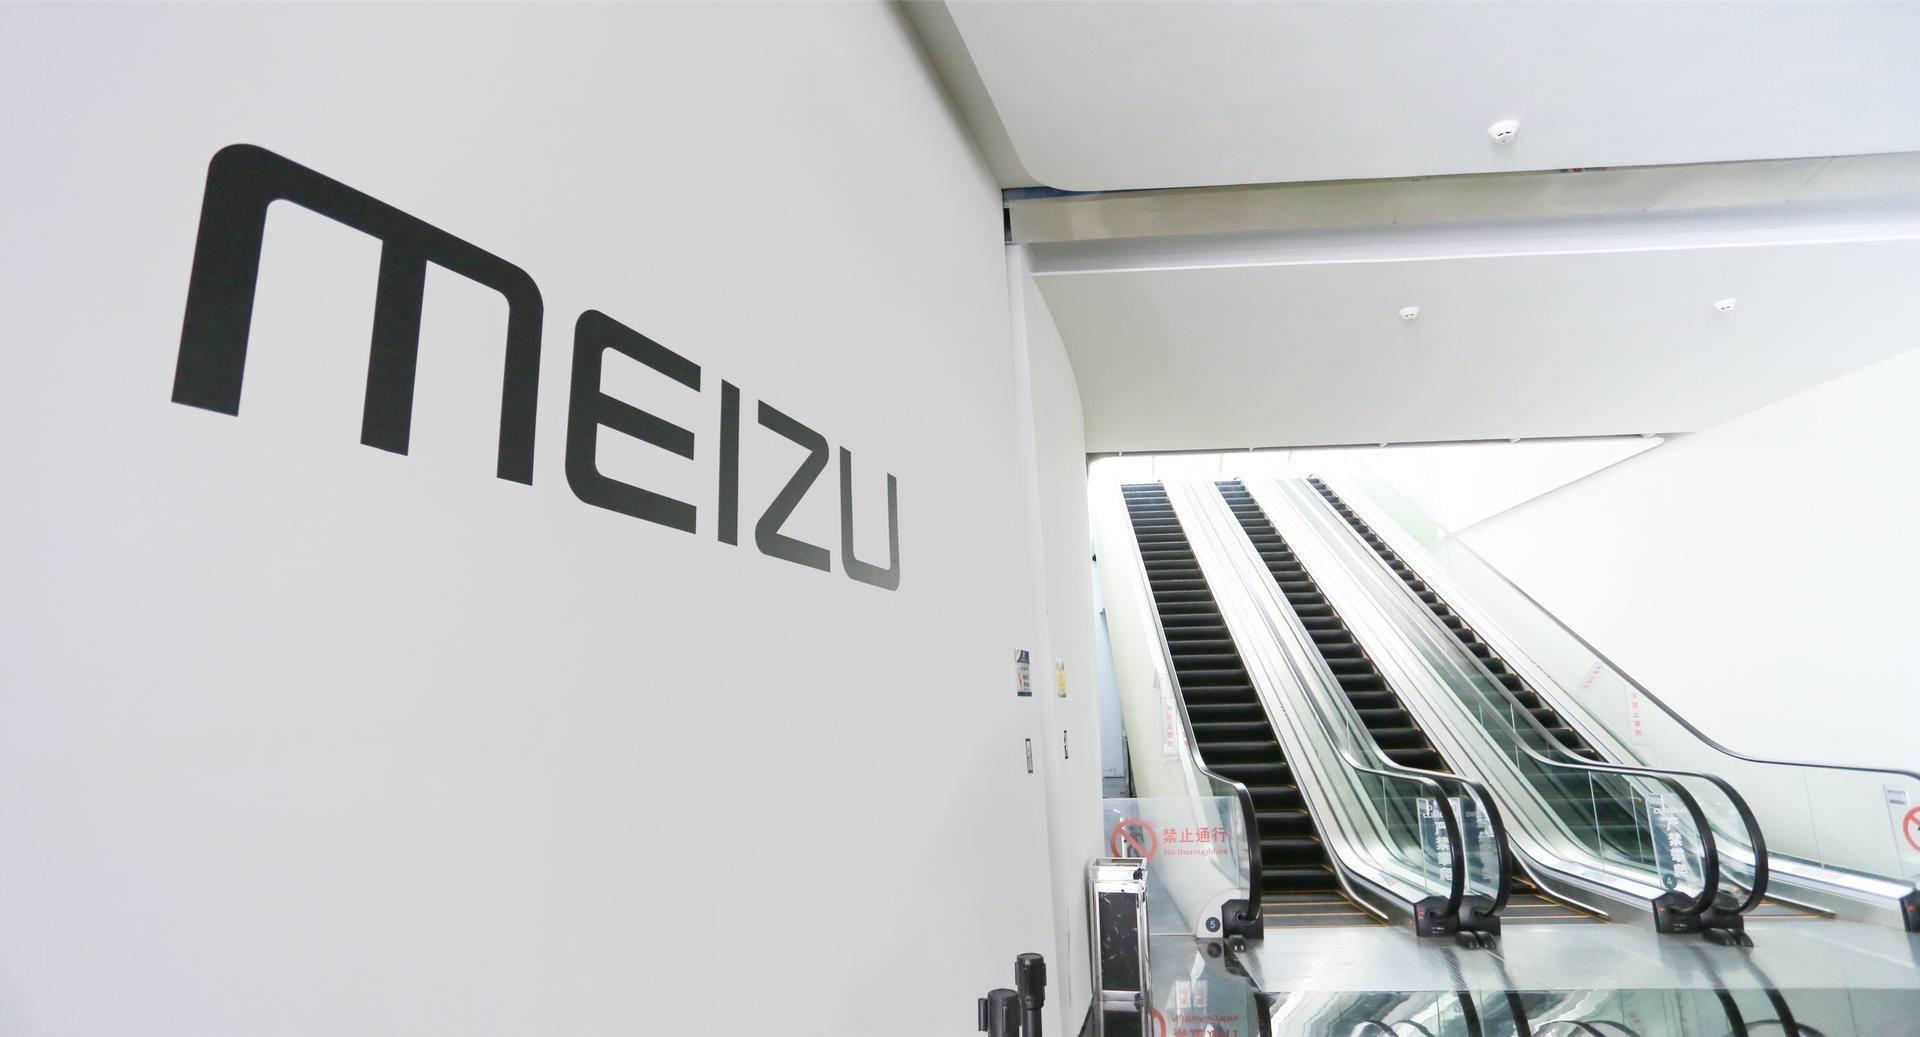 2017年のMEIZUの出荷台数は前年比9%減の2000万台に